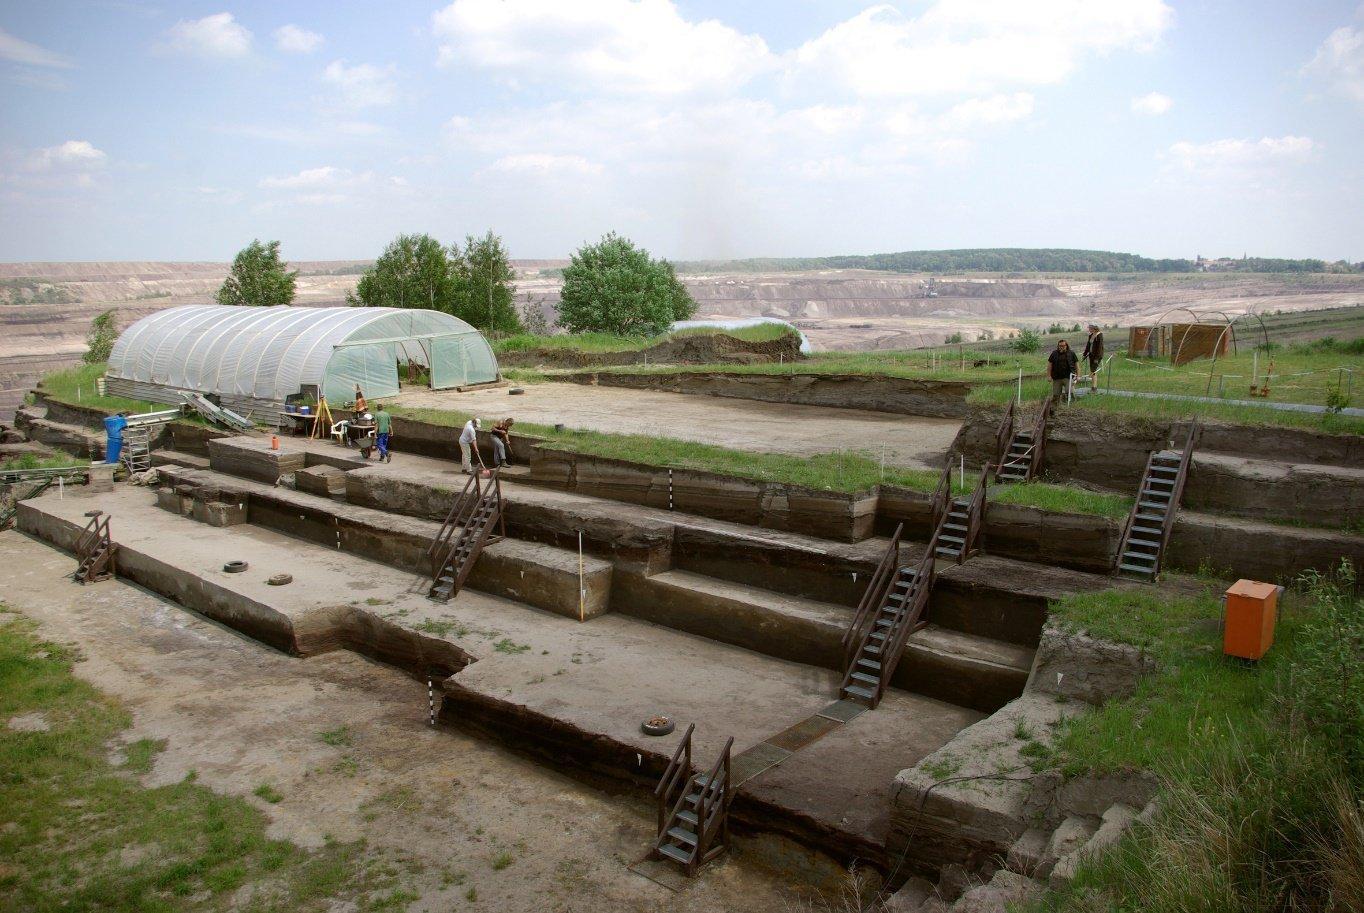 Das Foto zeigt die Grabung in Schöningen: Über mehrere Stufen sind die Erdschichten abgetragen, von Treppen verbunden. Hinten links ist eine Überdachung zu sehen und mehrere Wissenschaftler halten sich für Untersuchungen auf dem Gelände auf. Hier entdeckten sie im Jahr 2016den neuen, jetzt in einer Publikation vorgestellten Wurfstock.